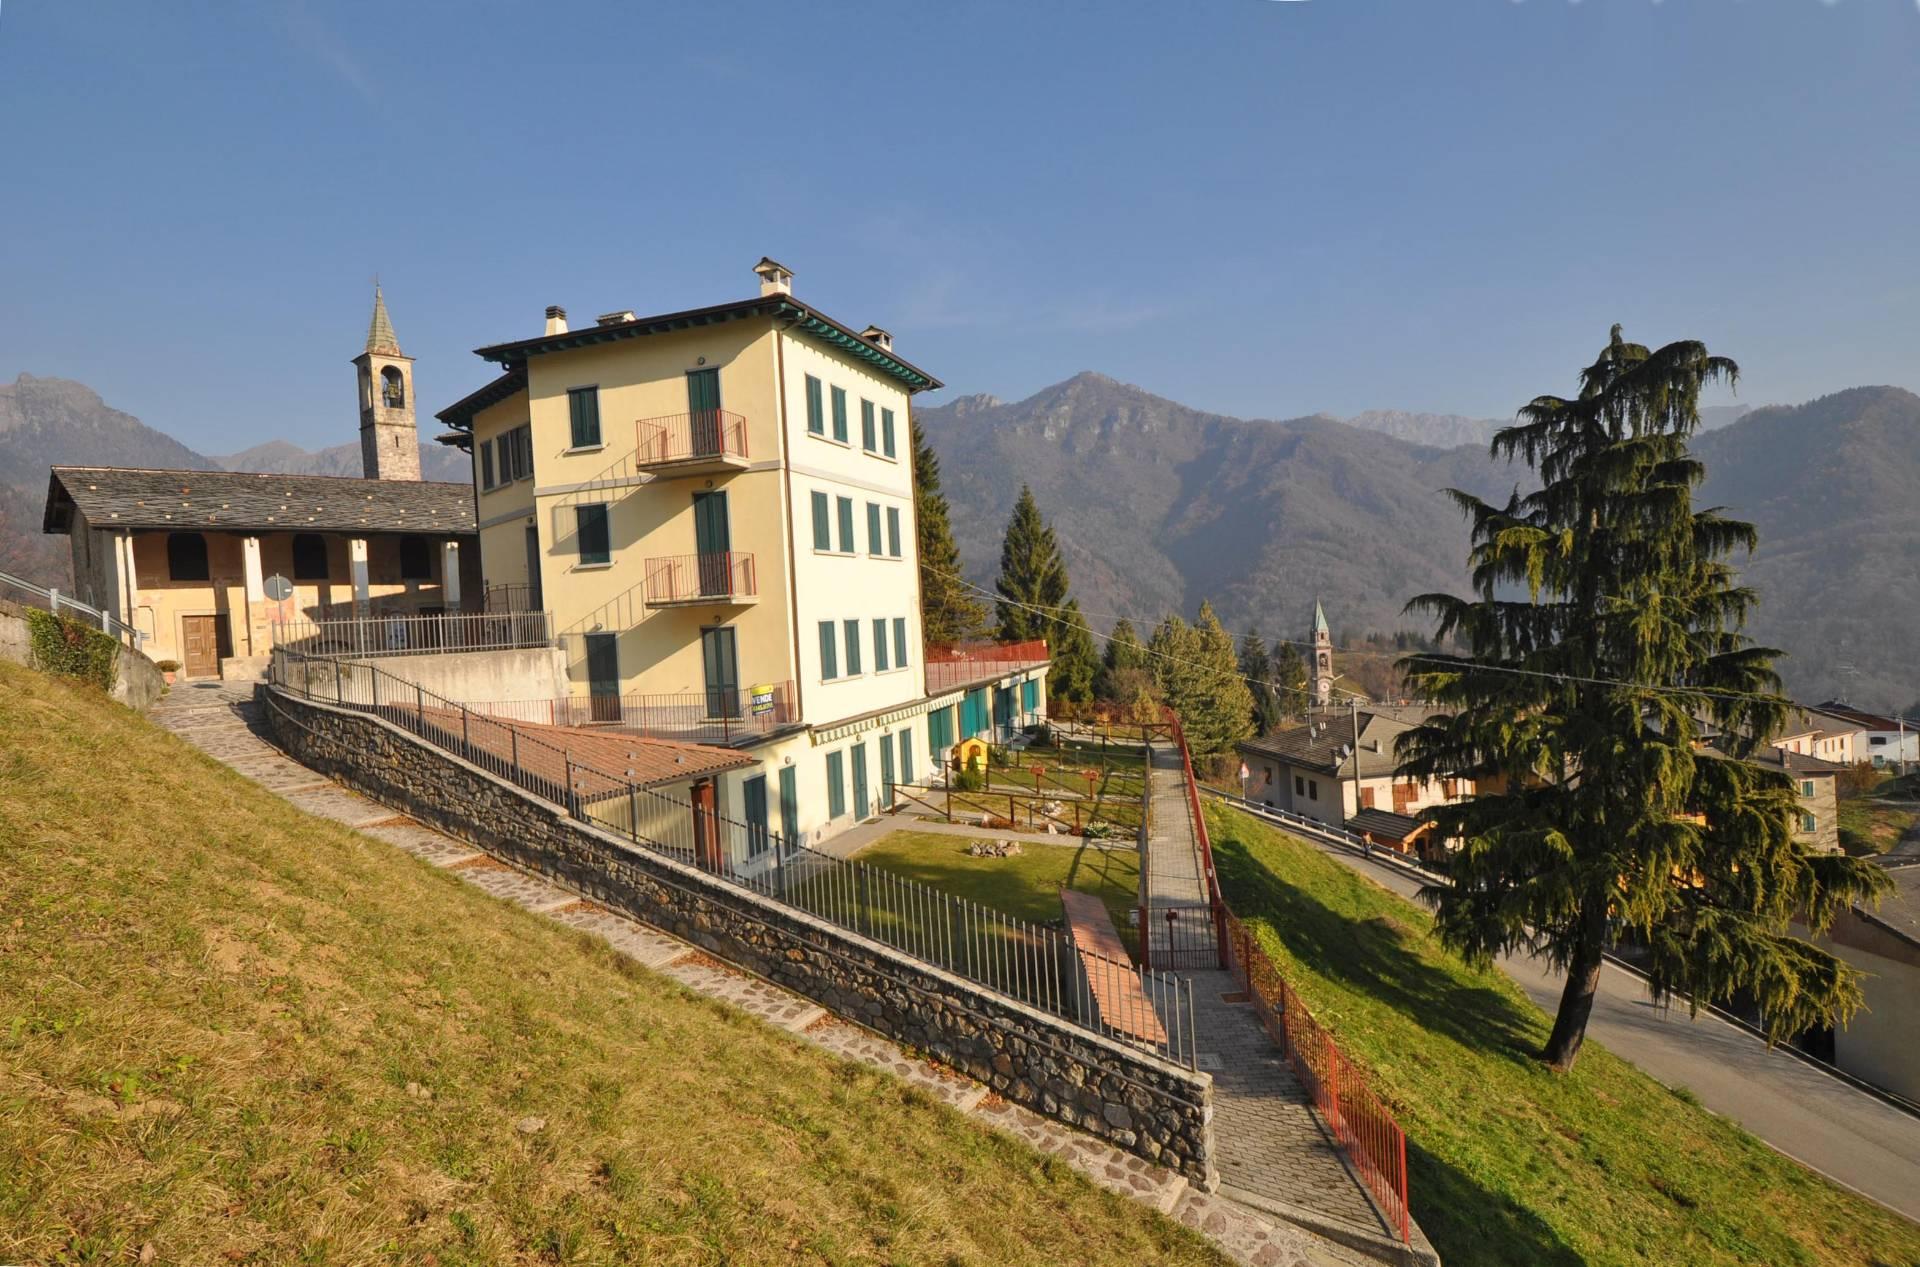 Appartamento in vendita a Santa Brigida, 3 locali, prezzo € 61.000 | Cambio Casa.it